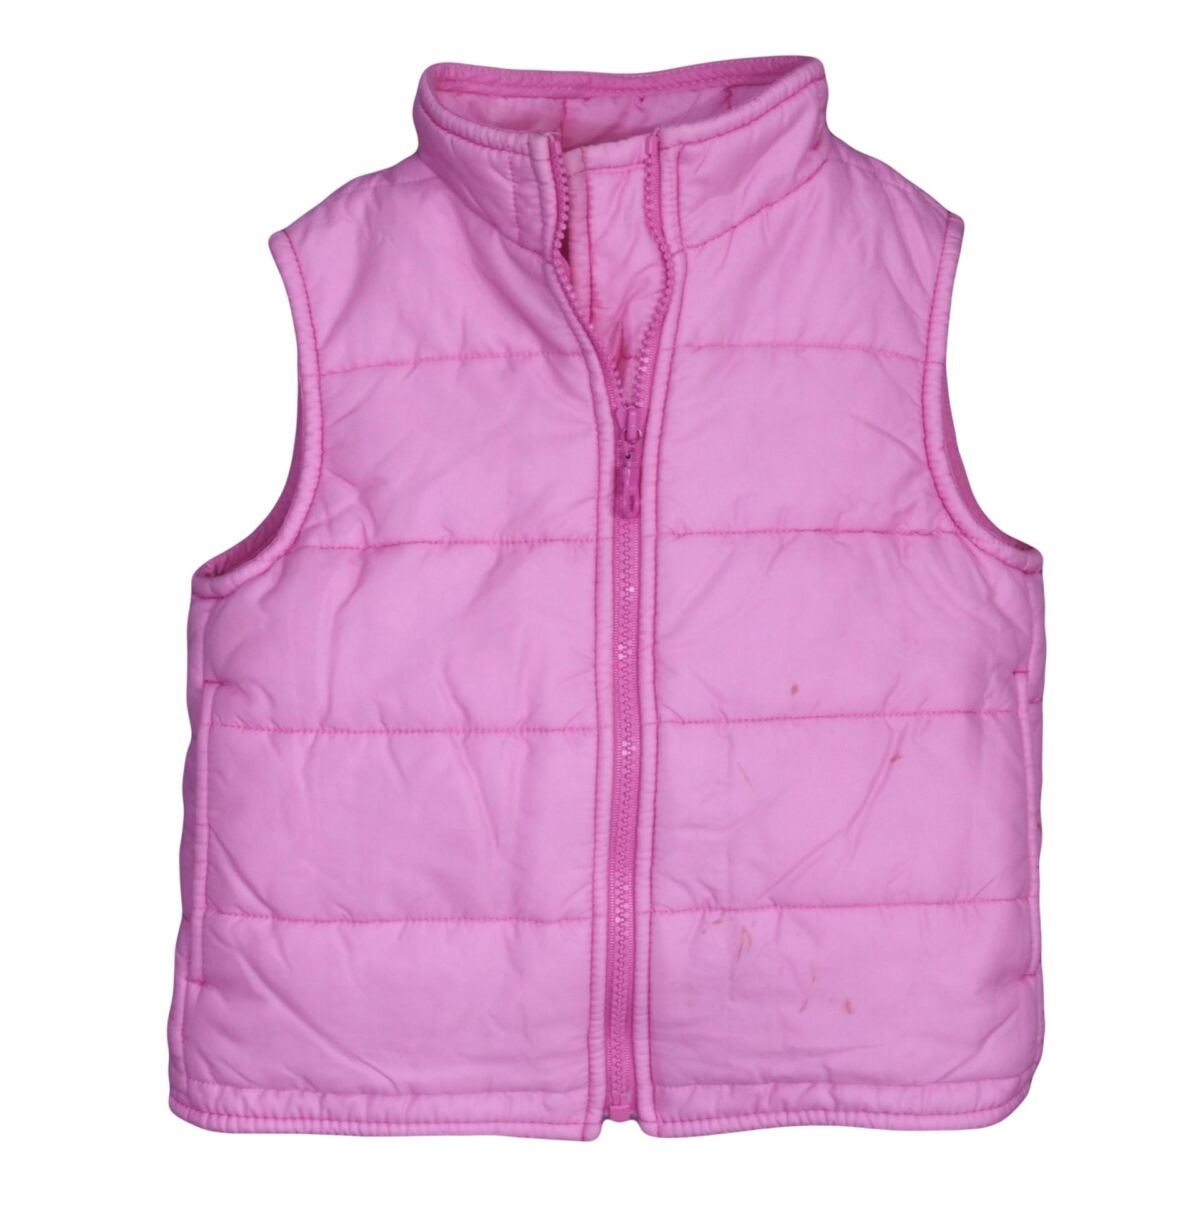 1ce770876c Használt ruha / Outlet szűrése: TIPUS: Mellények